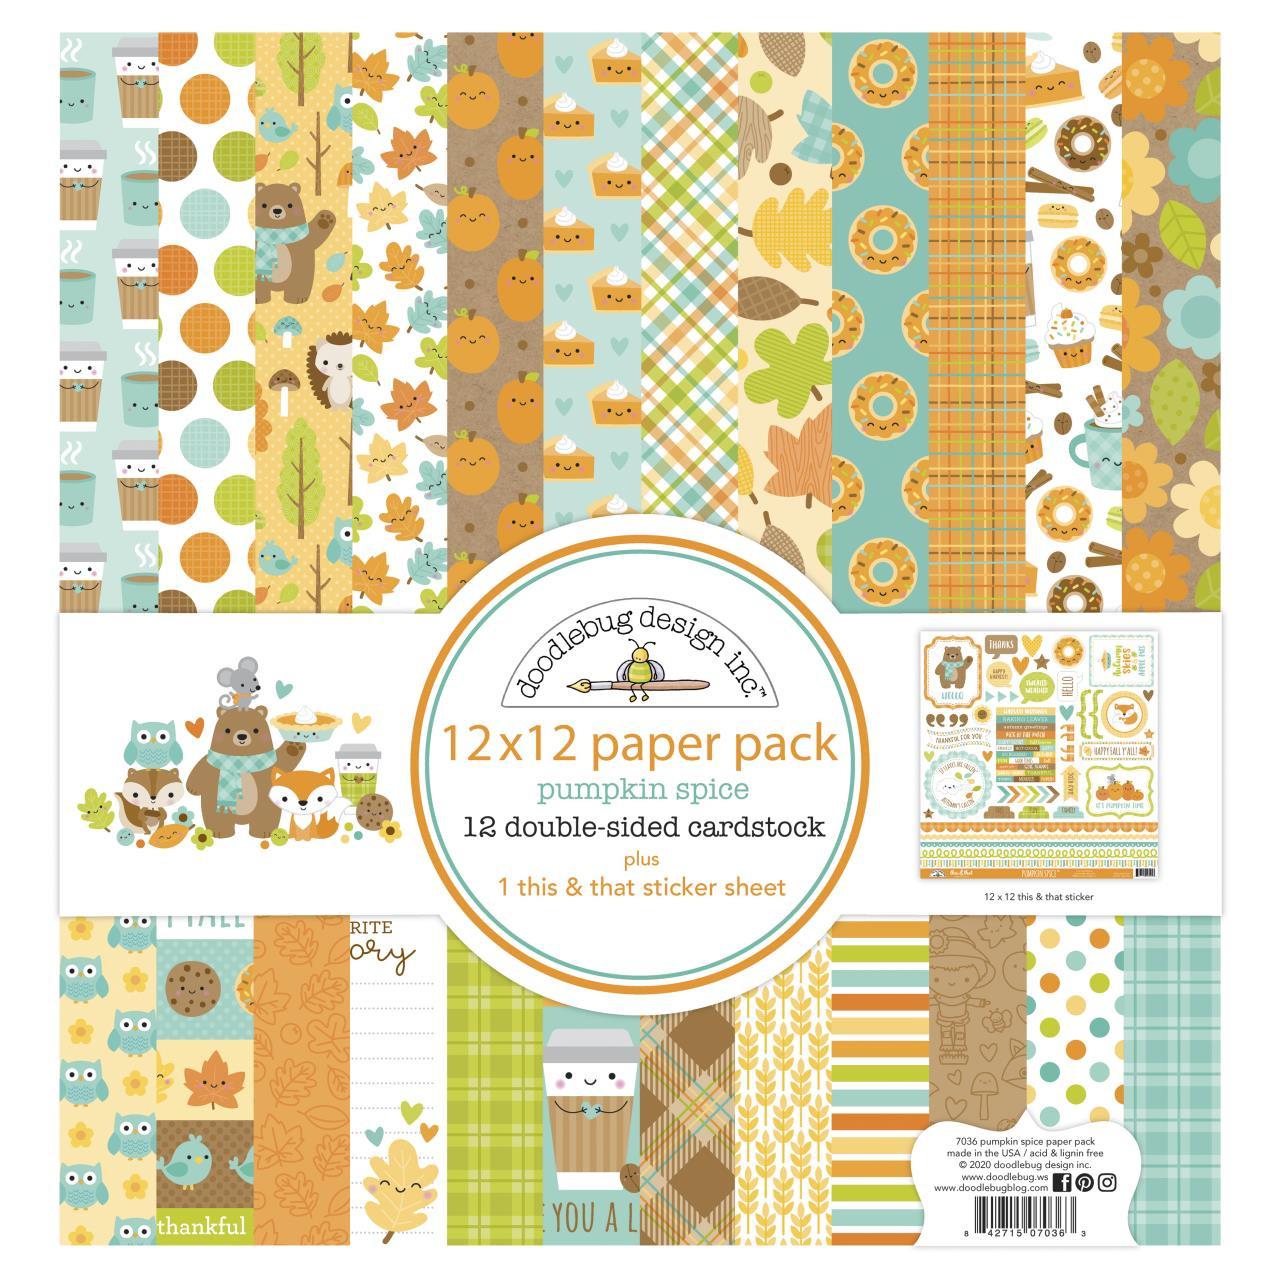 Pumpkin Spice, Doodlebug 12 X 12 Paper Pack - 842715070363